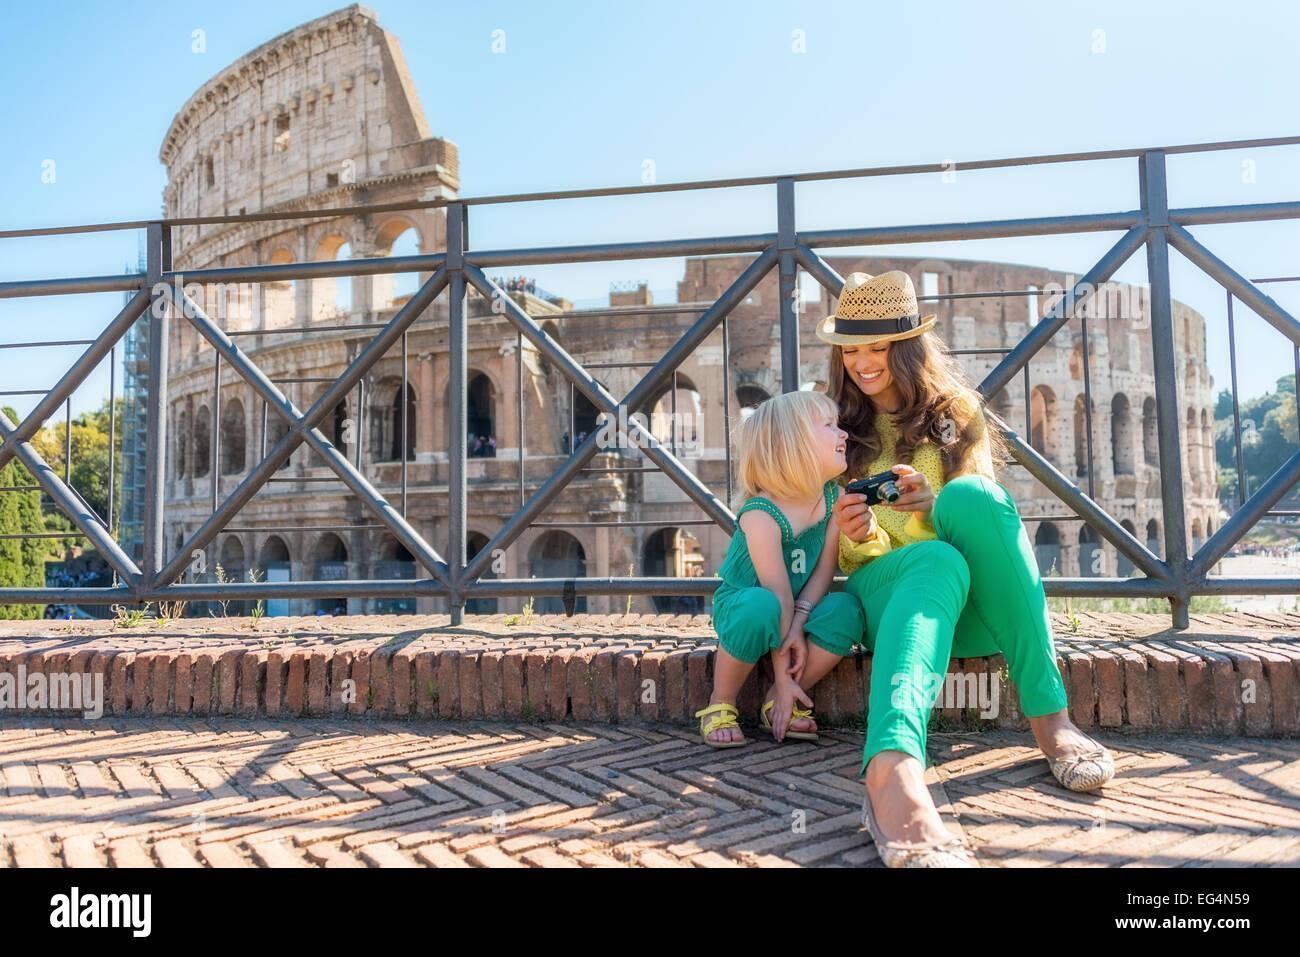 La madre e il bambino ragazza seduta davanti al Colosseo a Roma, Italia Immagini Stock